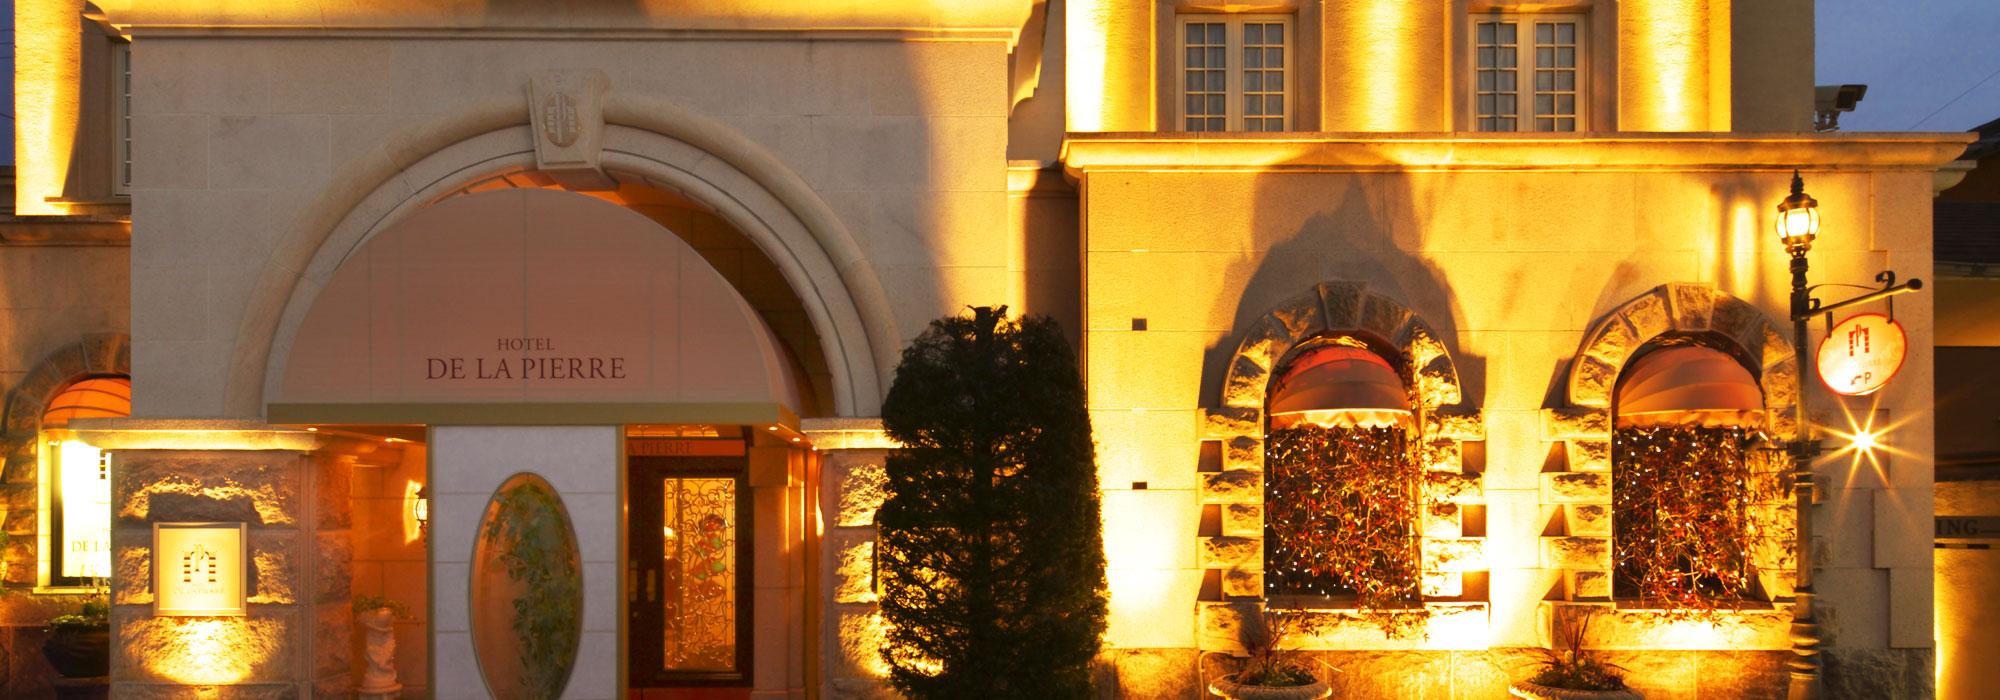 HOTEL DE LA PIERRE|今度は「ツシマヤマネコ」の赤ちゃんが!